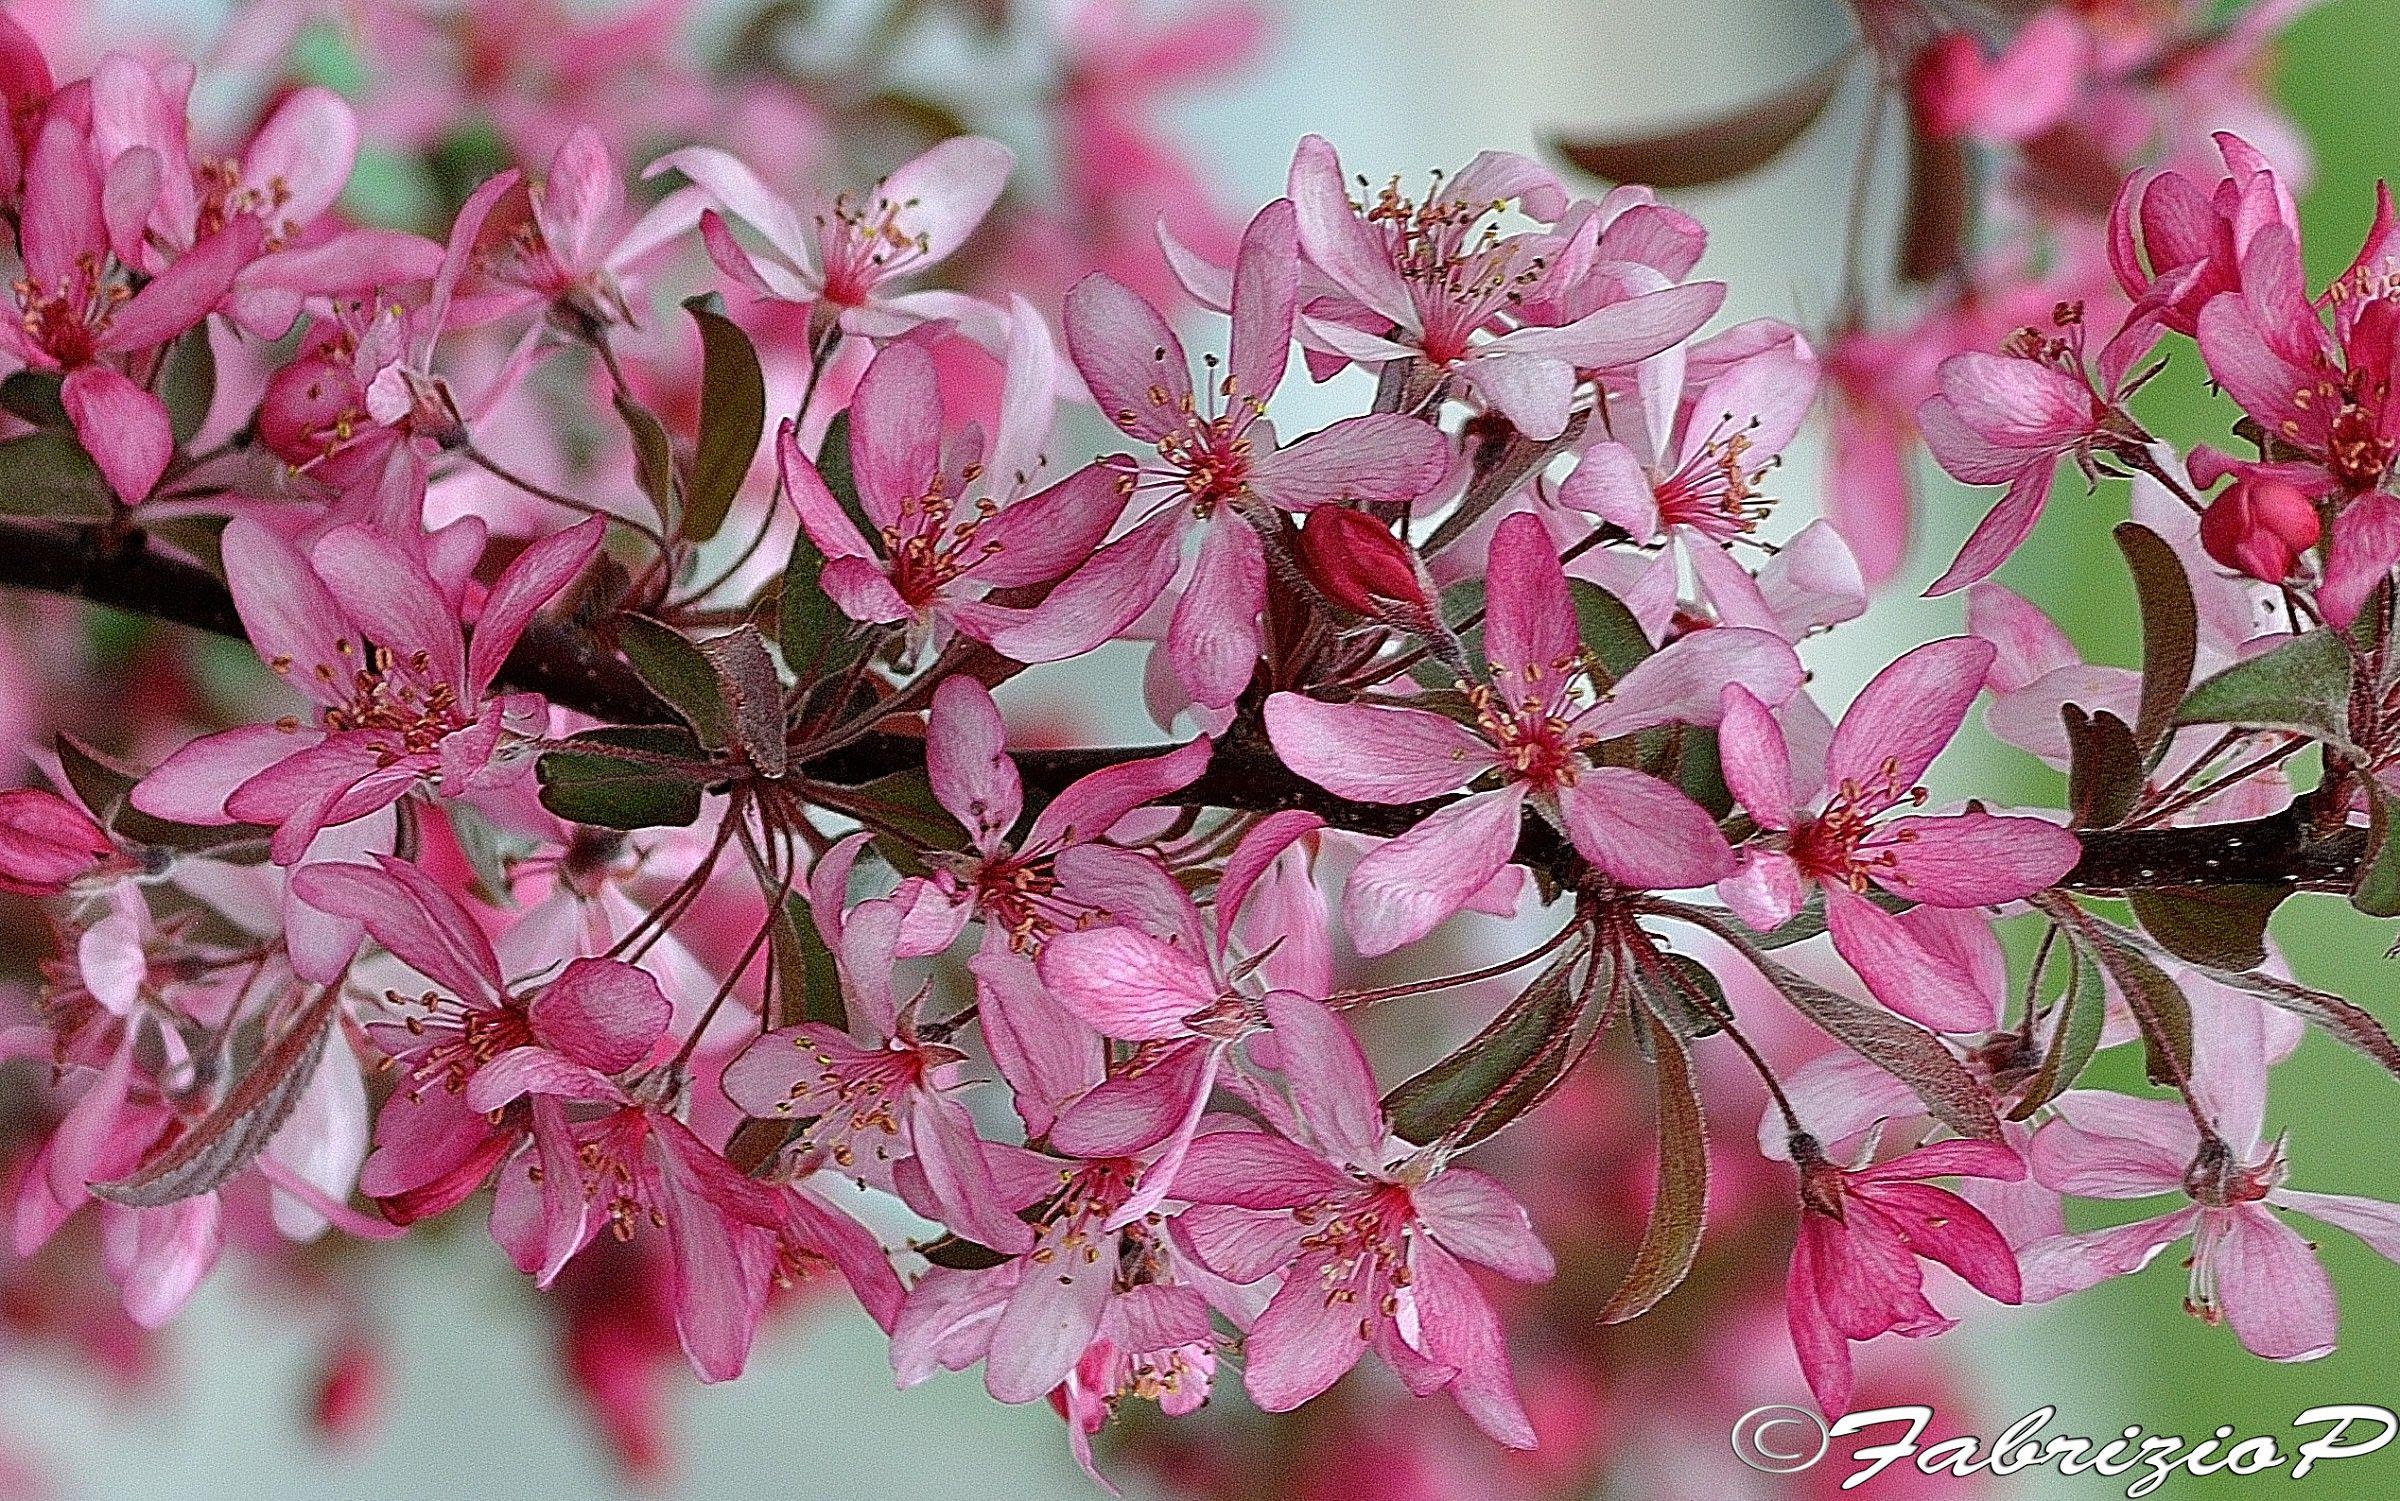 Flowers of apple tree...